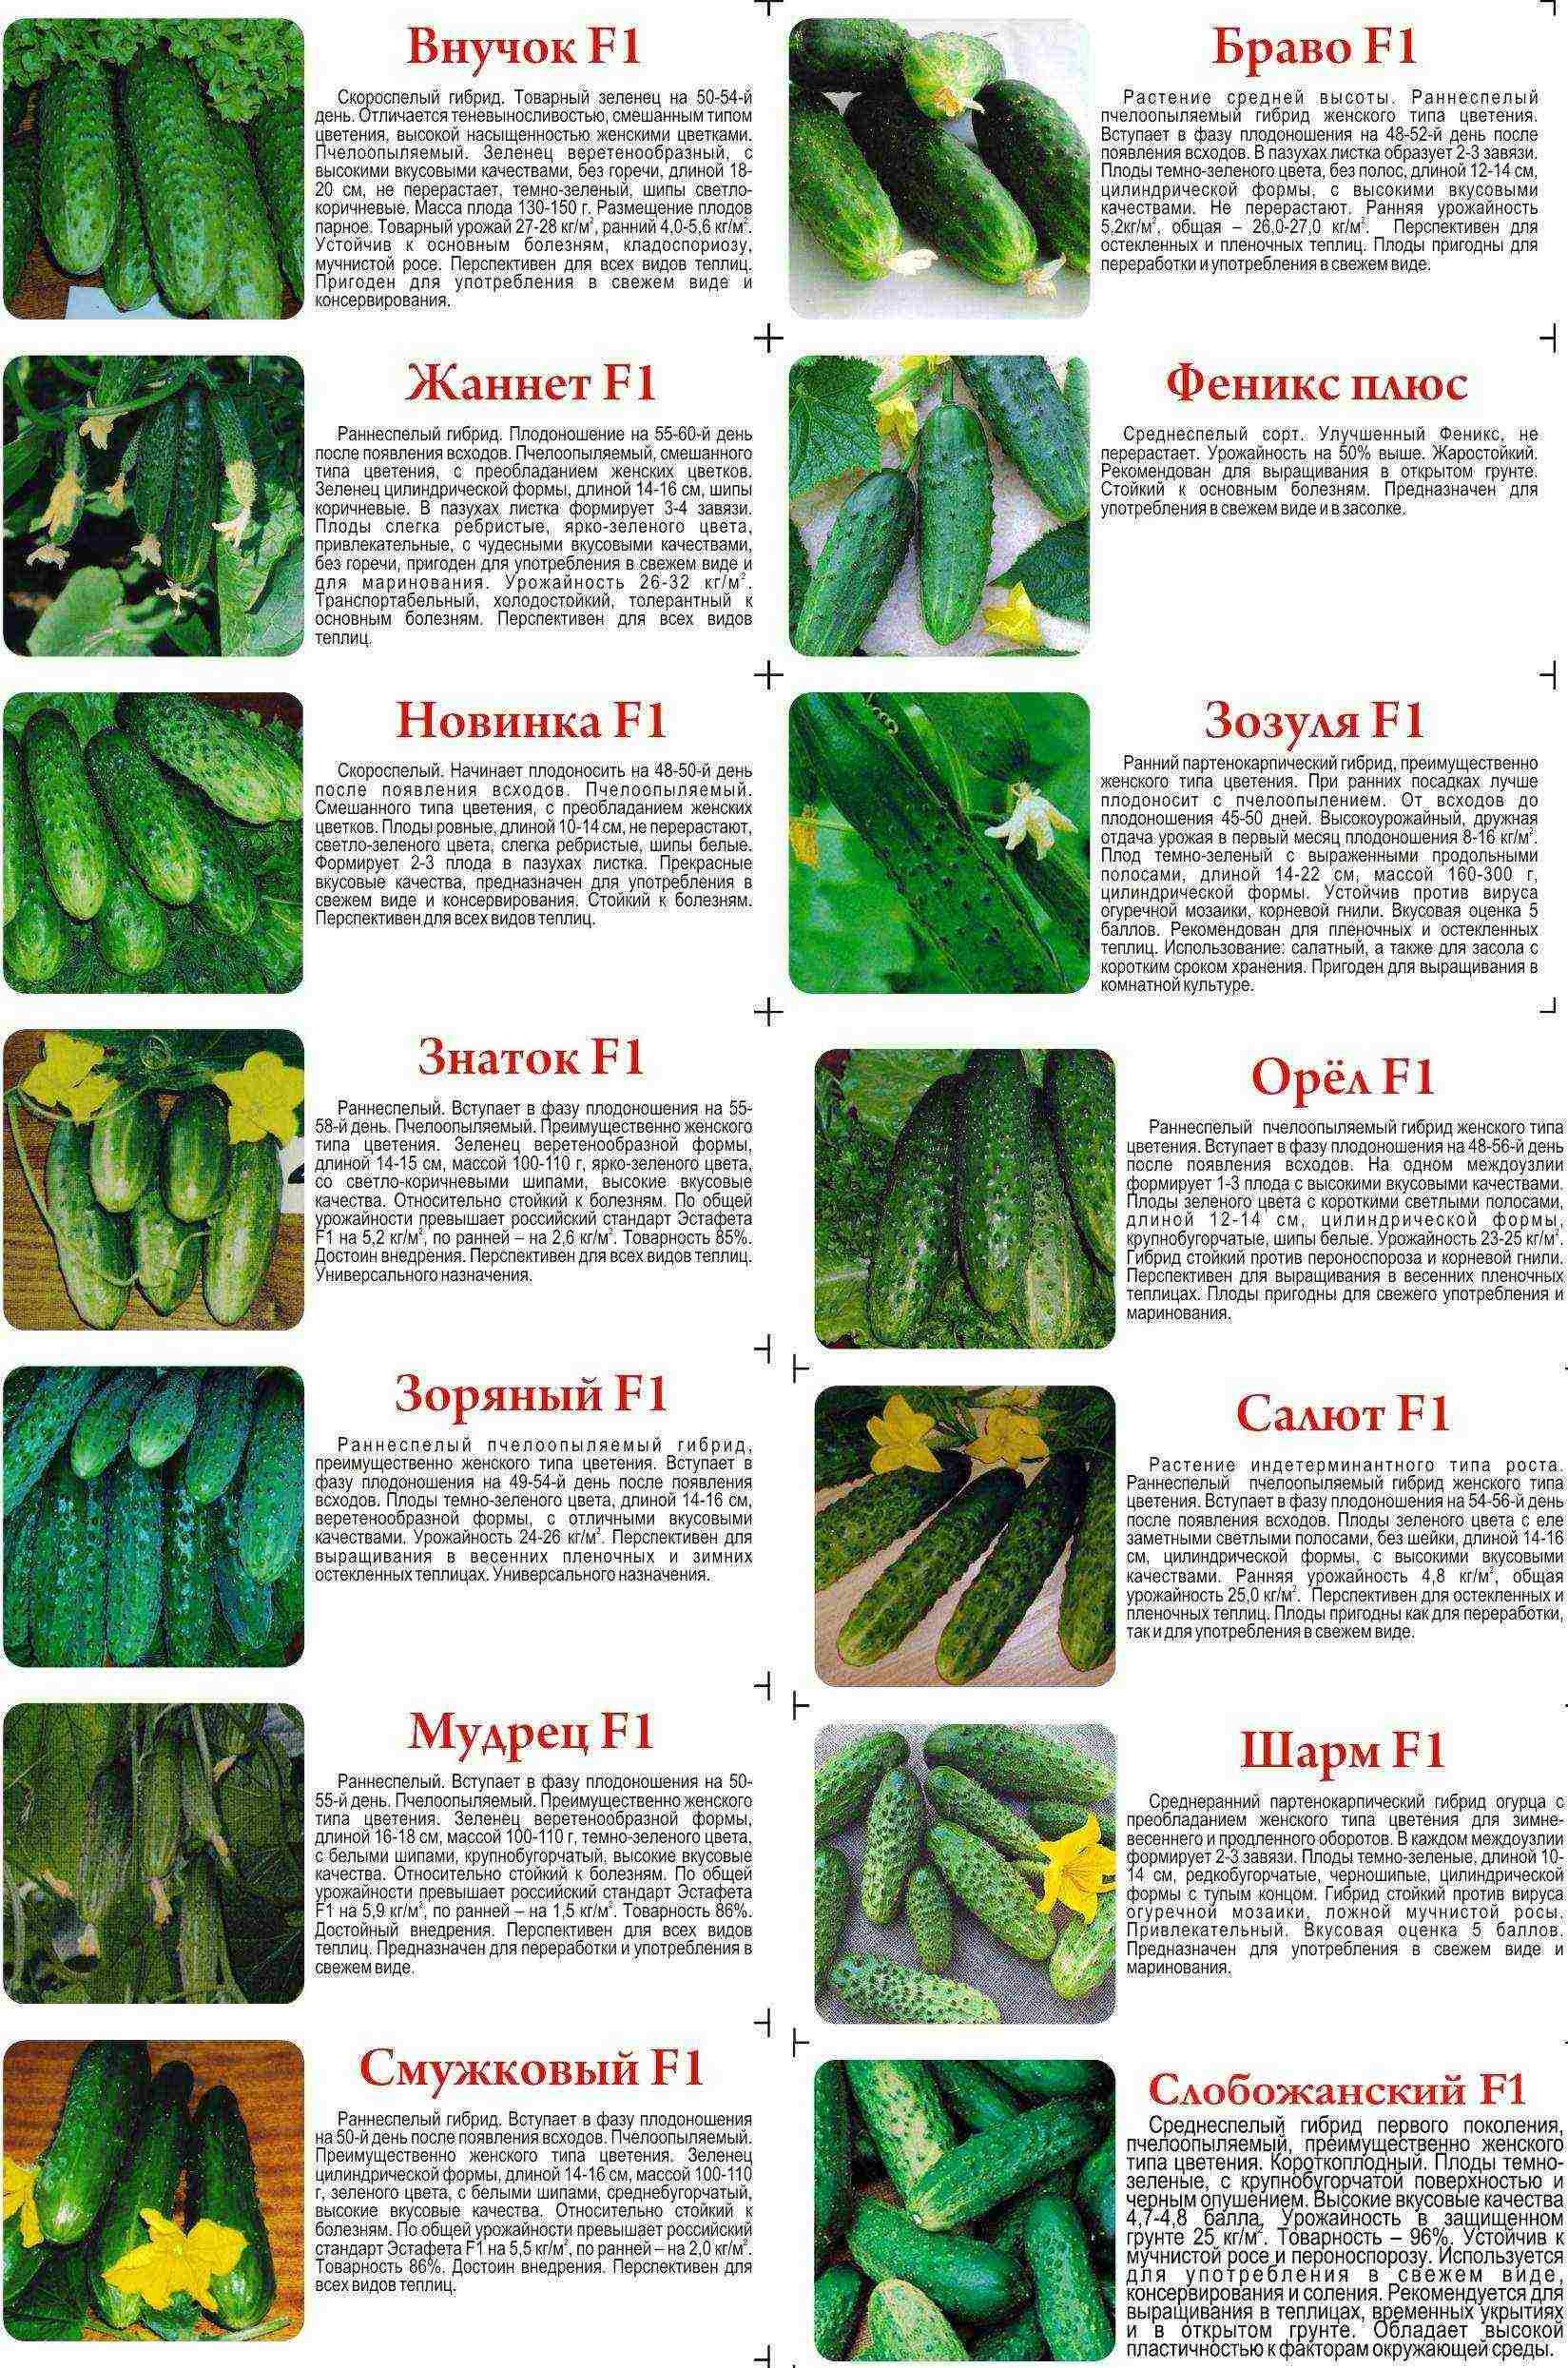 Тепличные сорта огурцов: описание и фото, самые урожайные, пучковые и кустовые